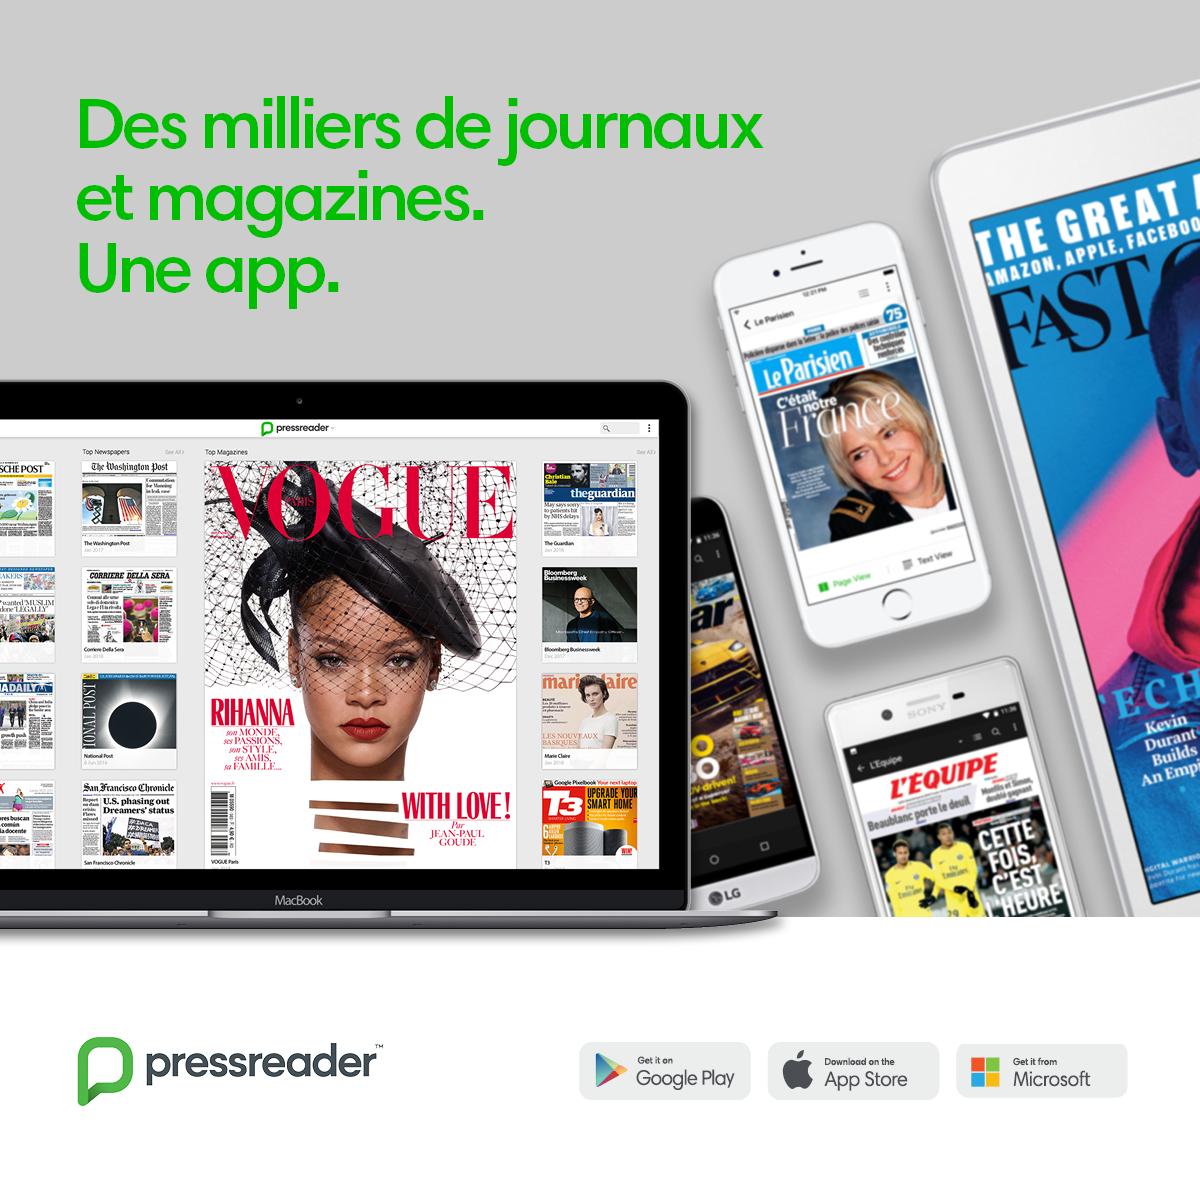 https://mediatheque.pasdecalais.fr/numerique/informer.aspx